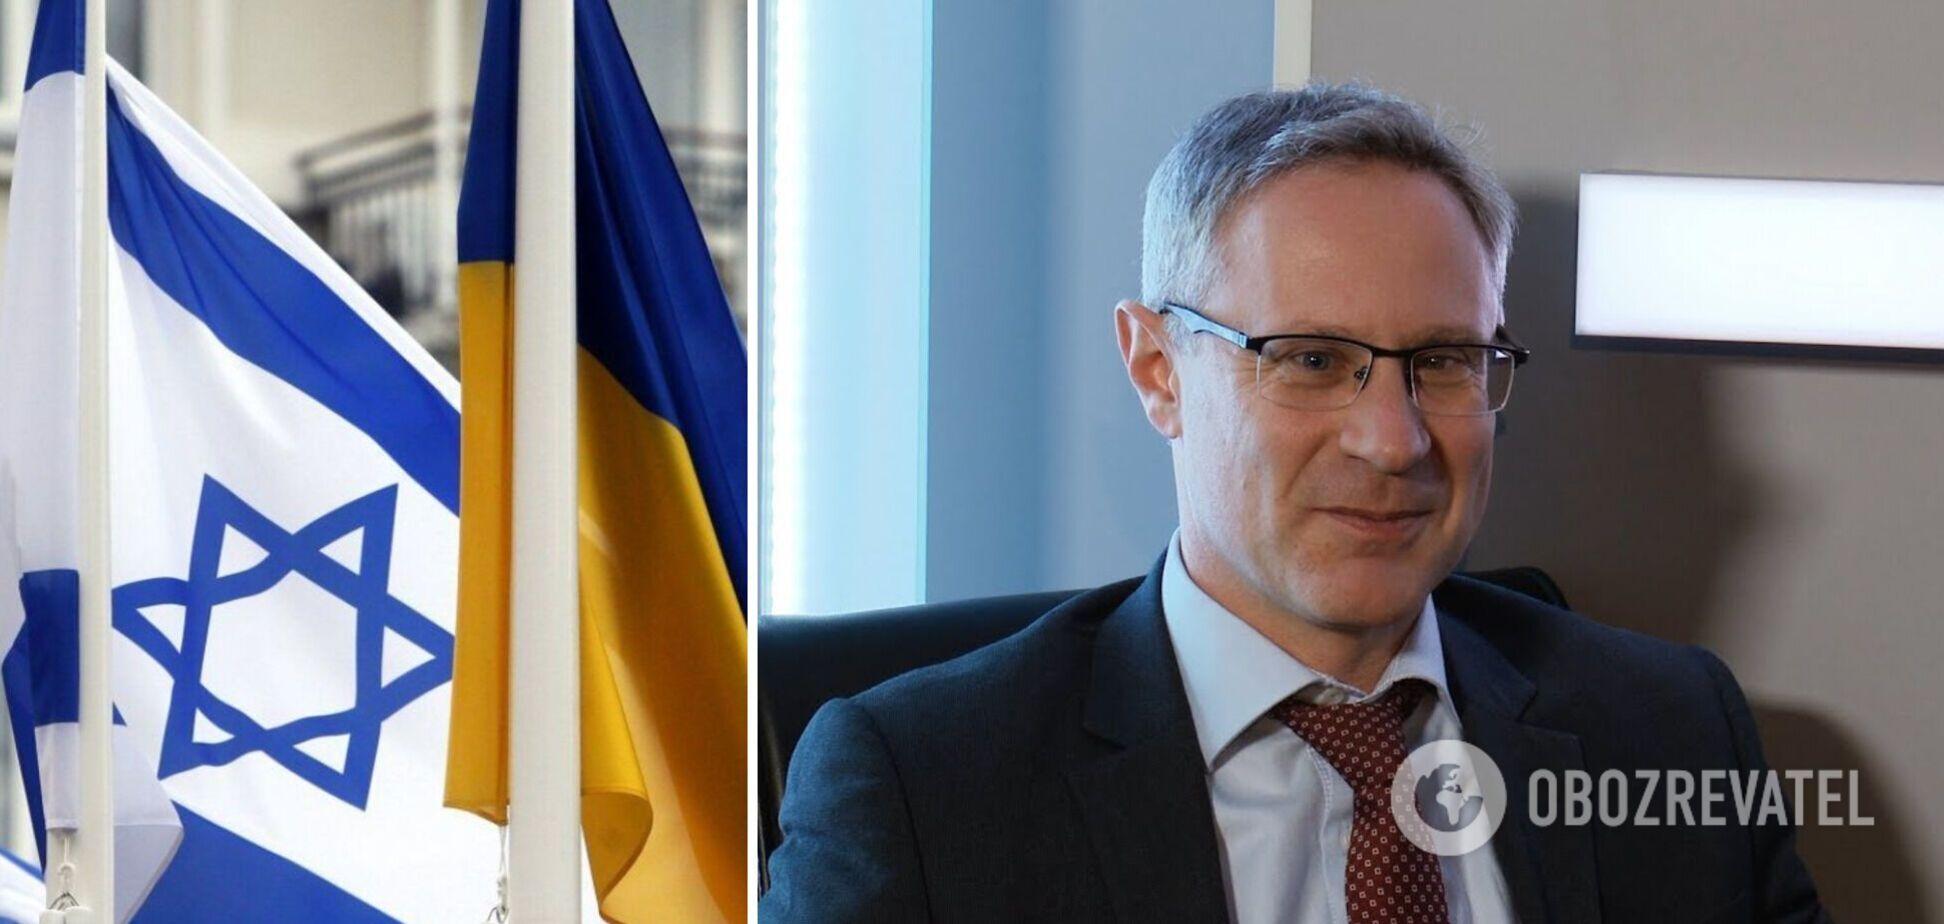 Ізраїль призначив нового посла в Україні: що про нього відомо